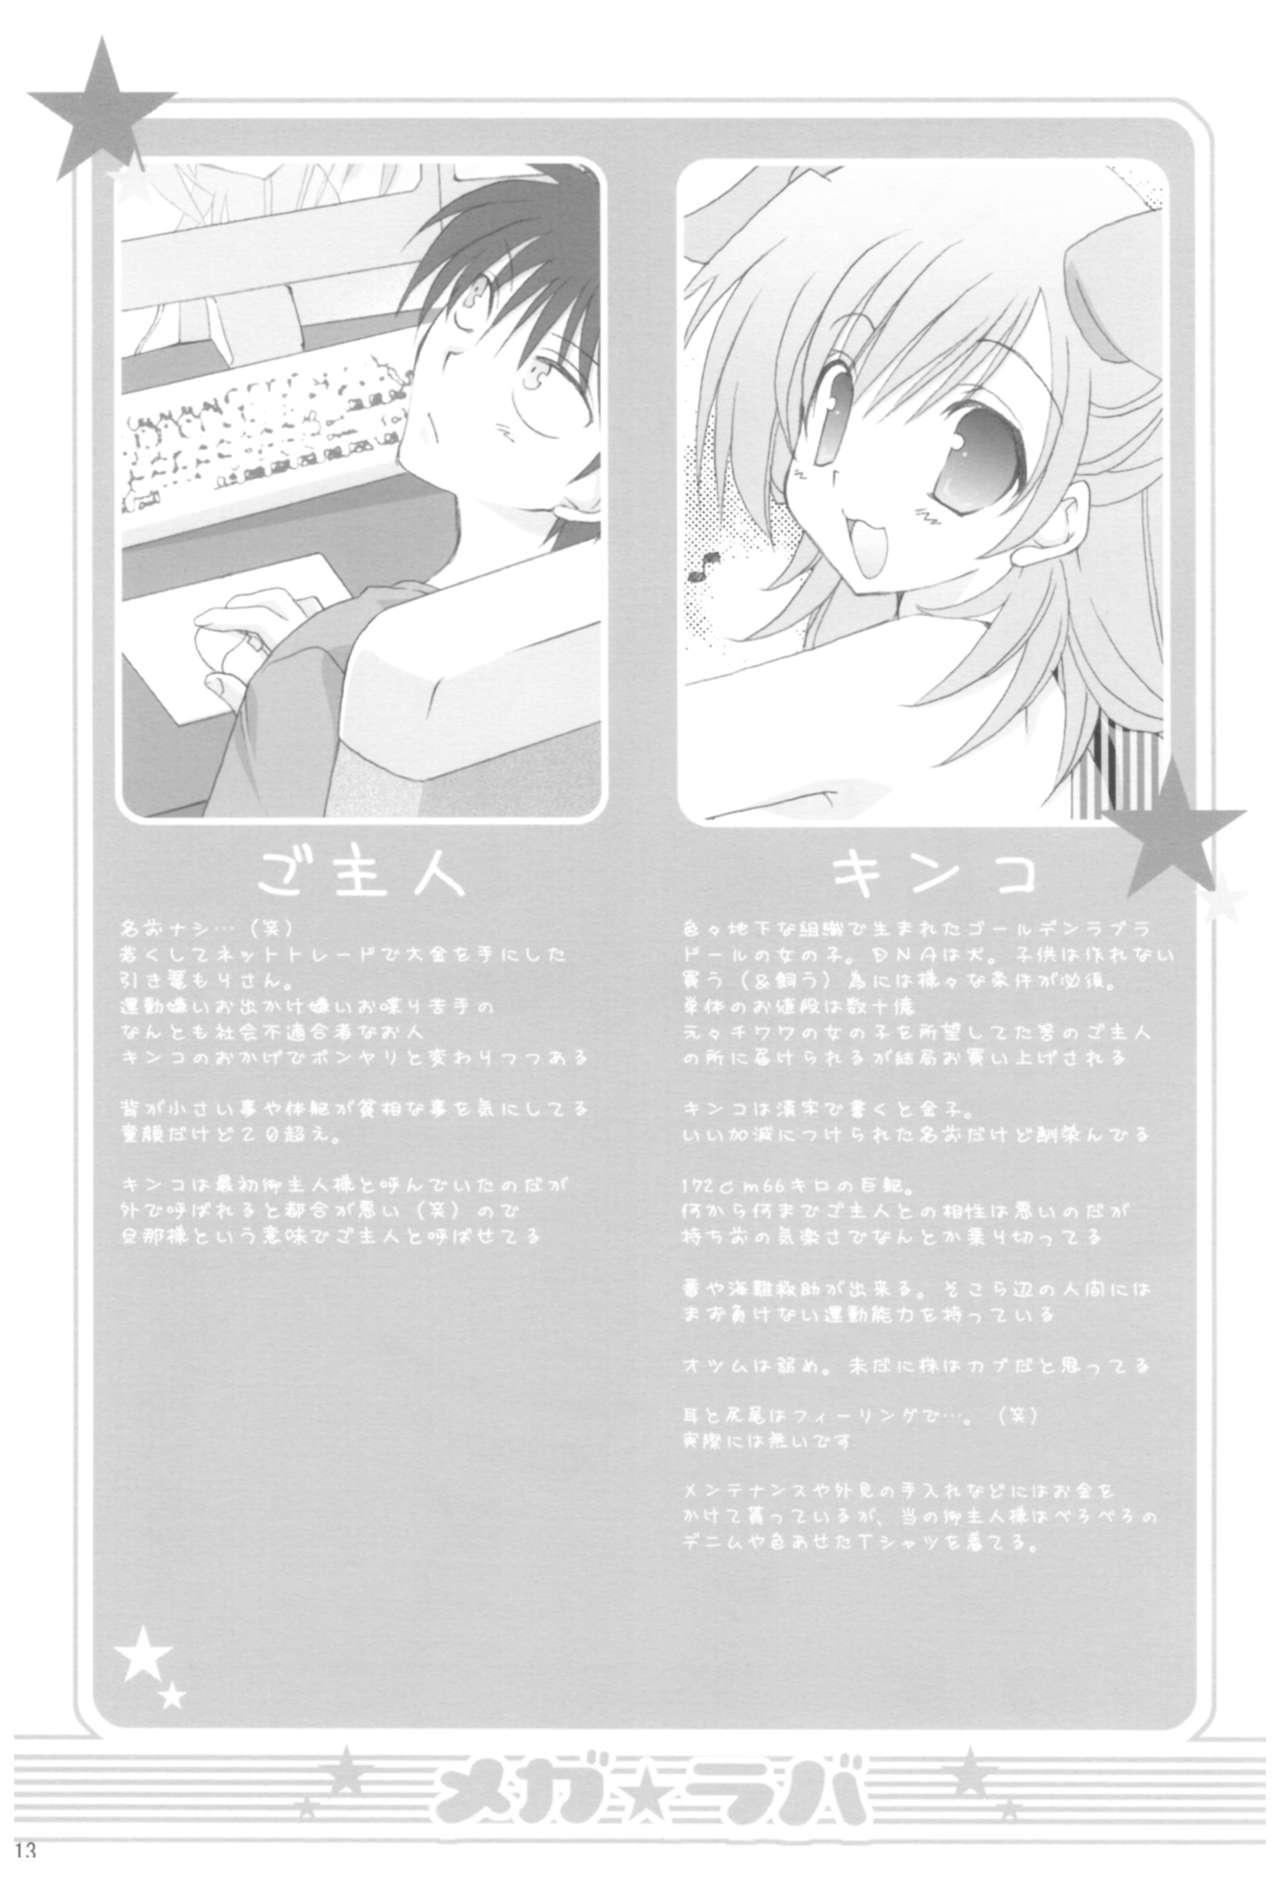 Naedoko Ikusei Kansatsu Kiroku 212